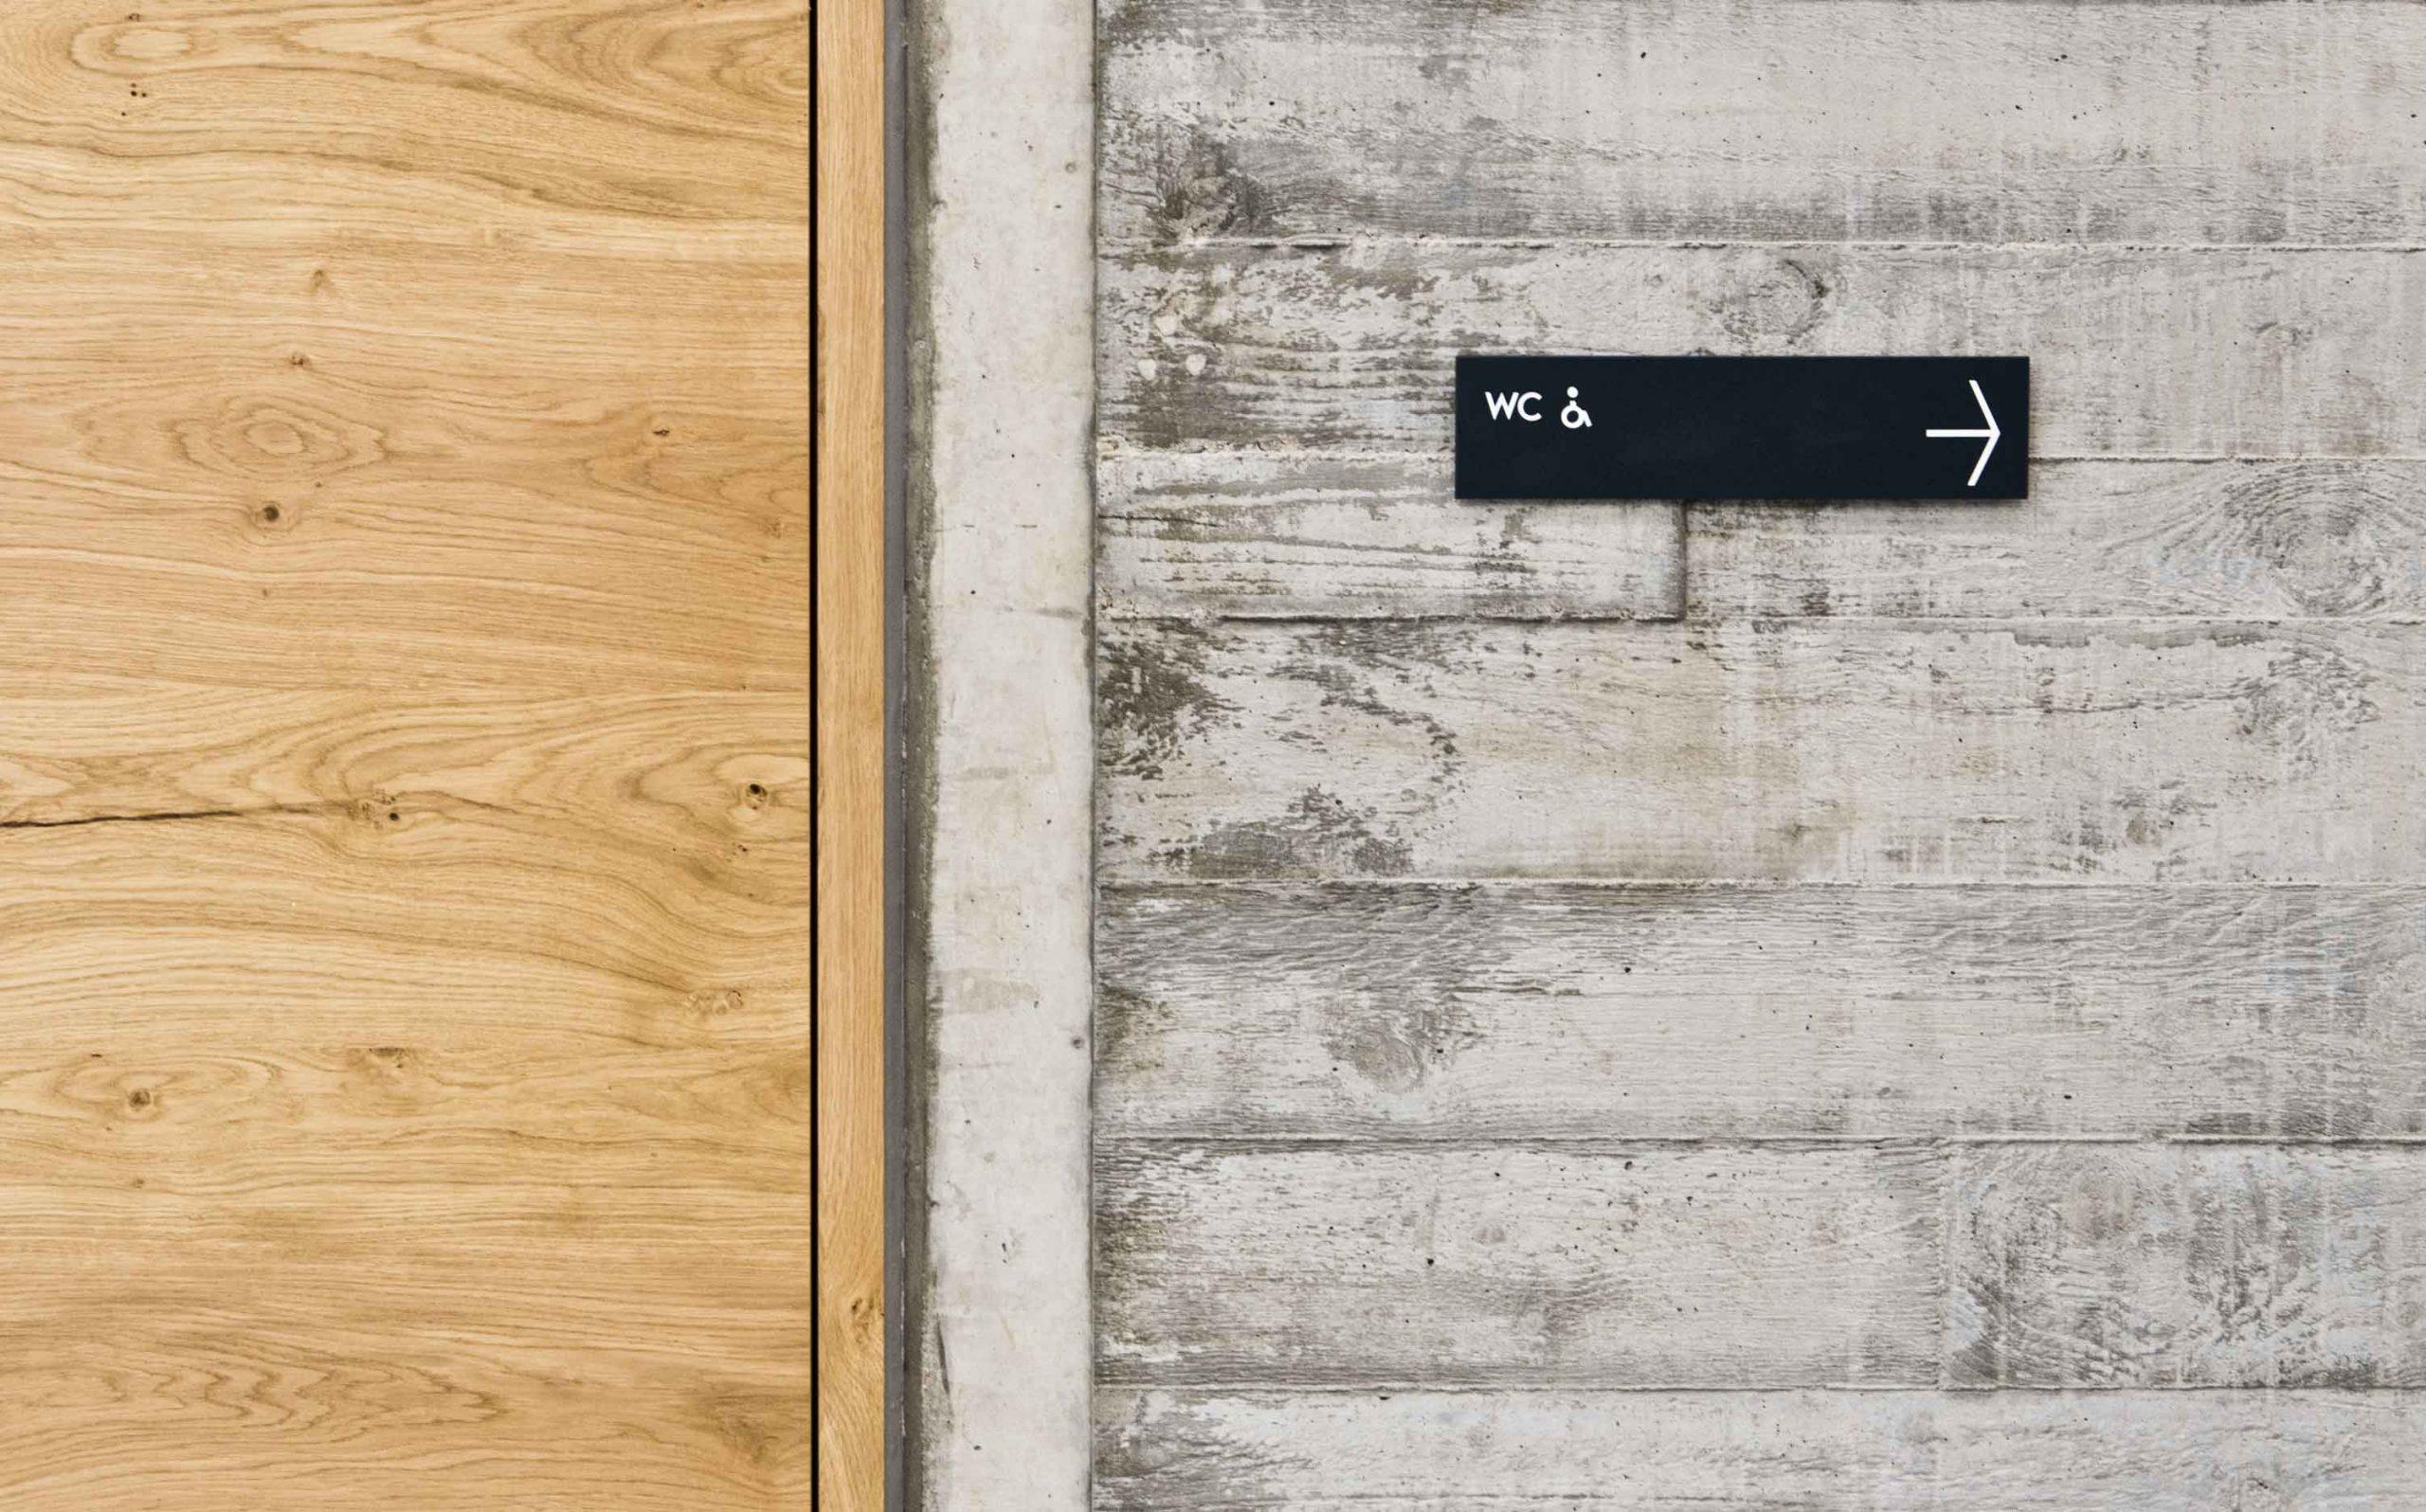 Leit- & Informationssystem The Beach, Düsseldorf | Wegweiser | Keywords: Etagenkennzeichnung, Signaletik, Leitsystem, Orientierungssystem, Büro, Office, Design, Grafikdesign, Typografie